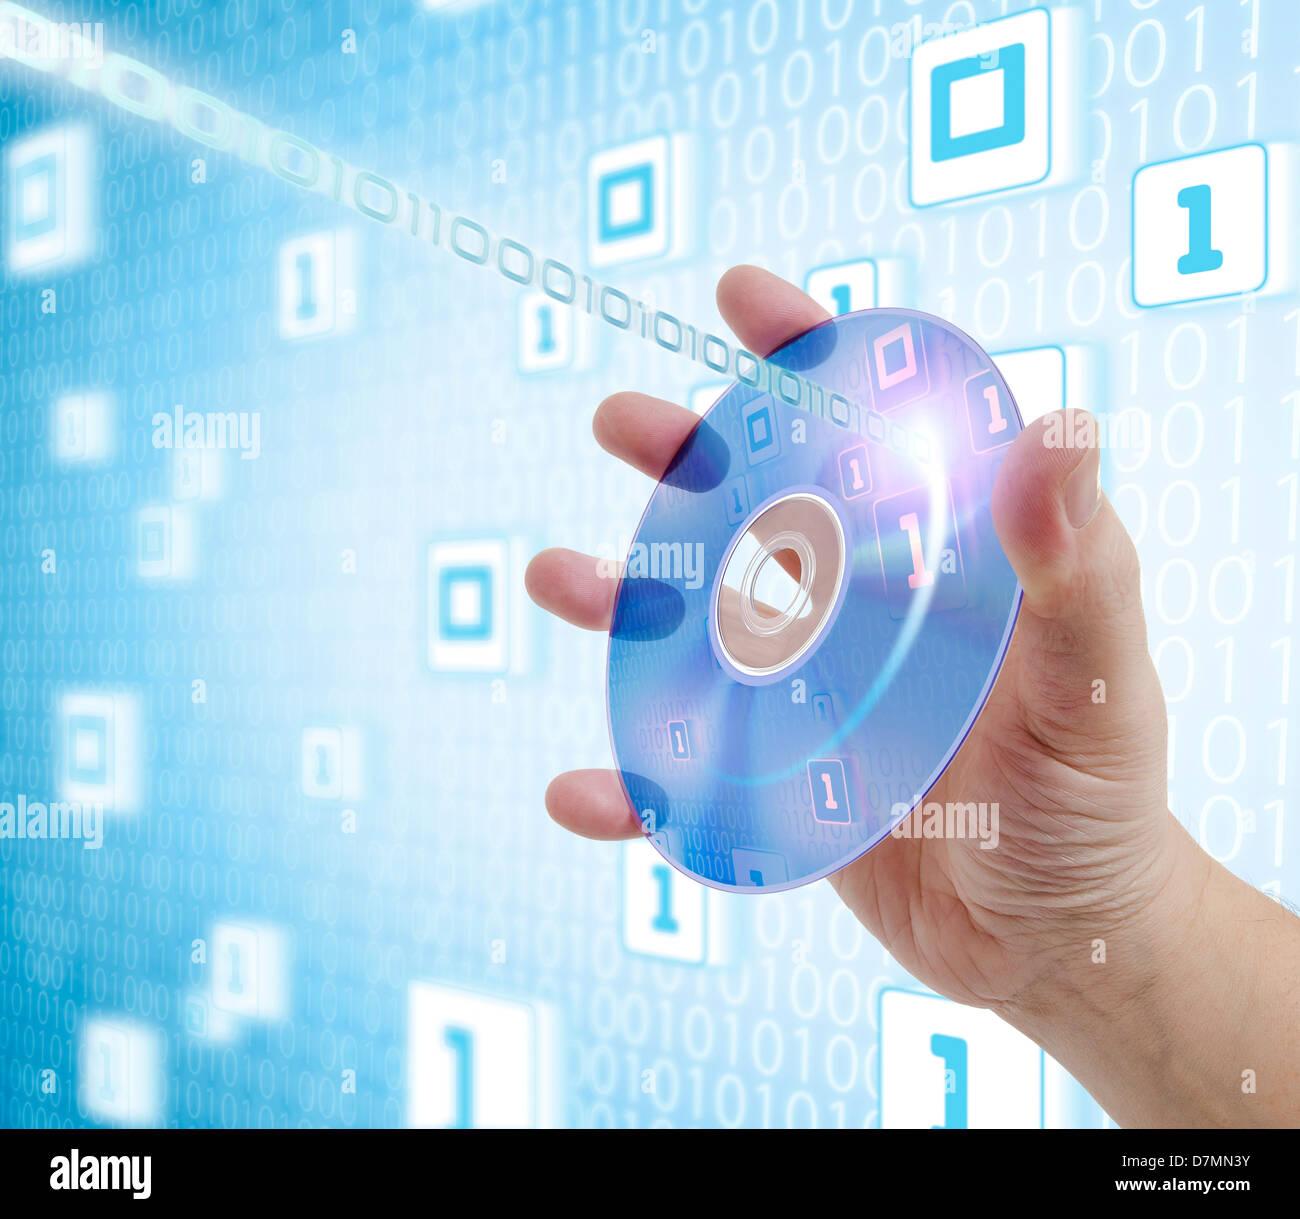 El almacenamiento digital, ilustración Imagen De Stock